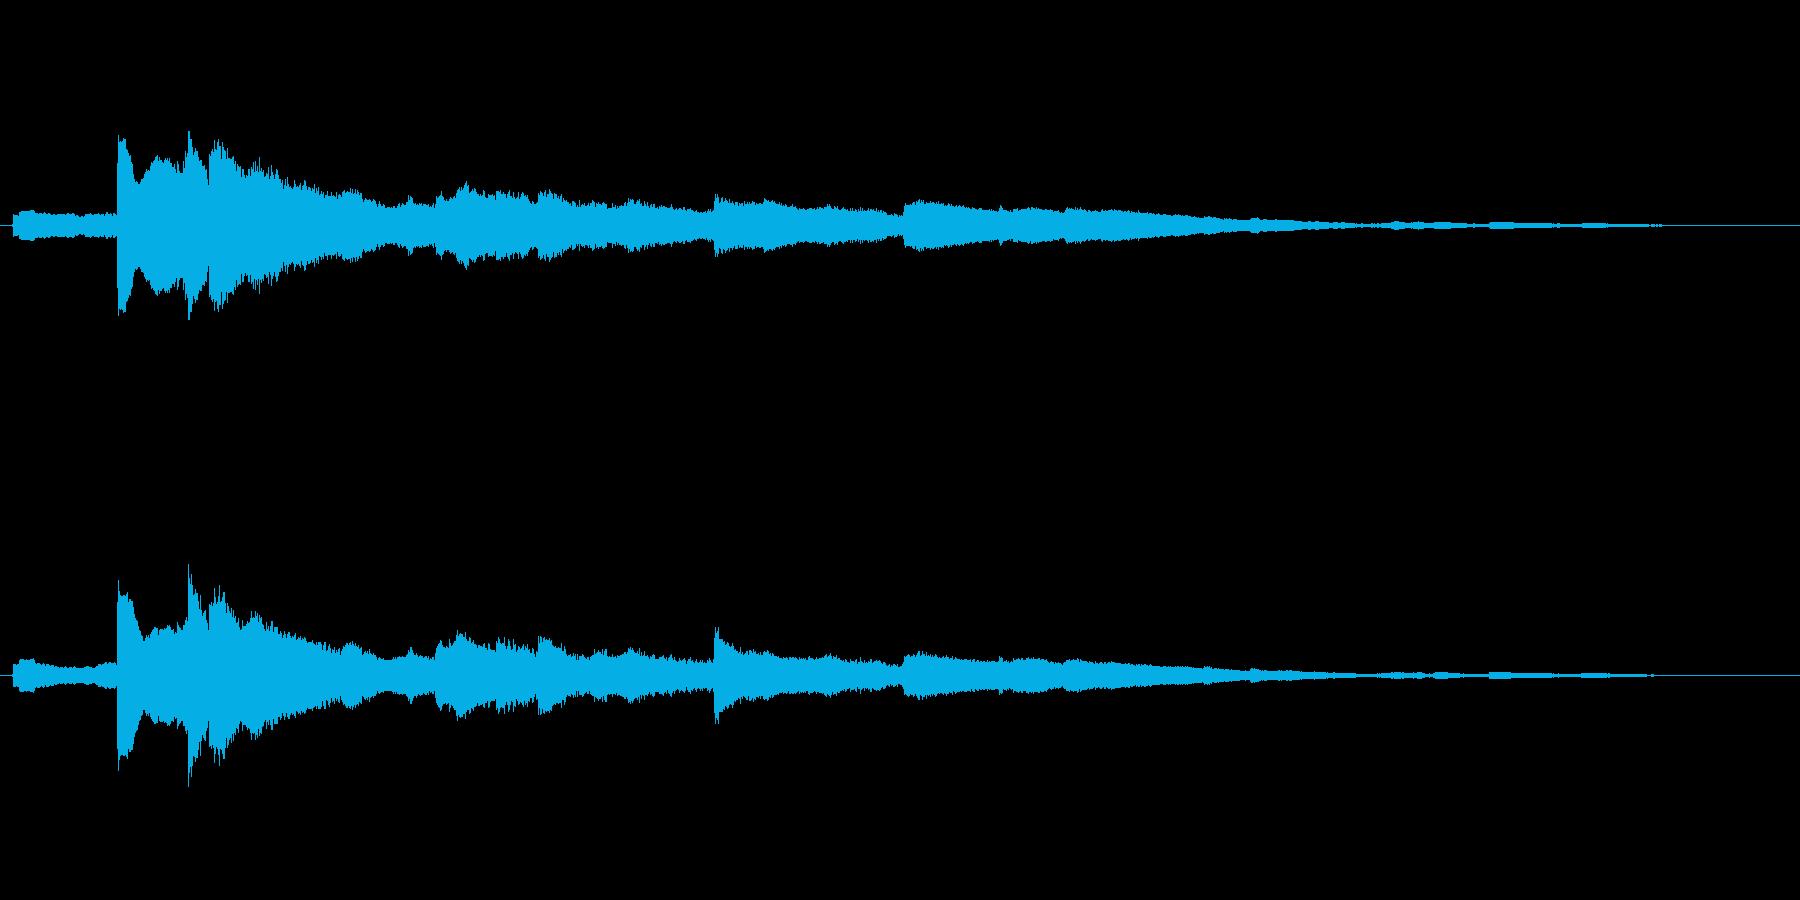 キラキラとした音色のウインドチャイムの再生済みの波形